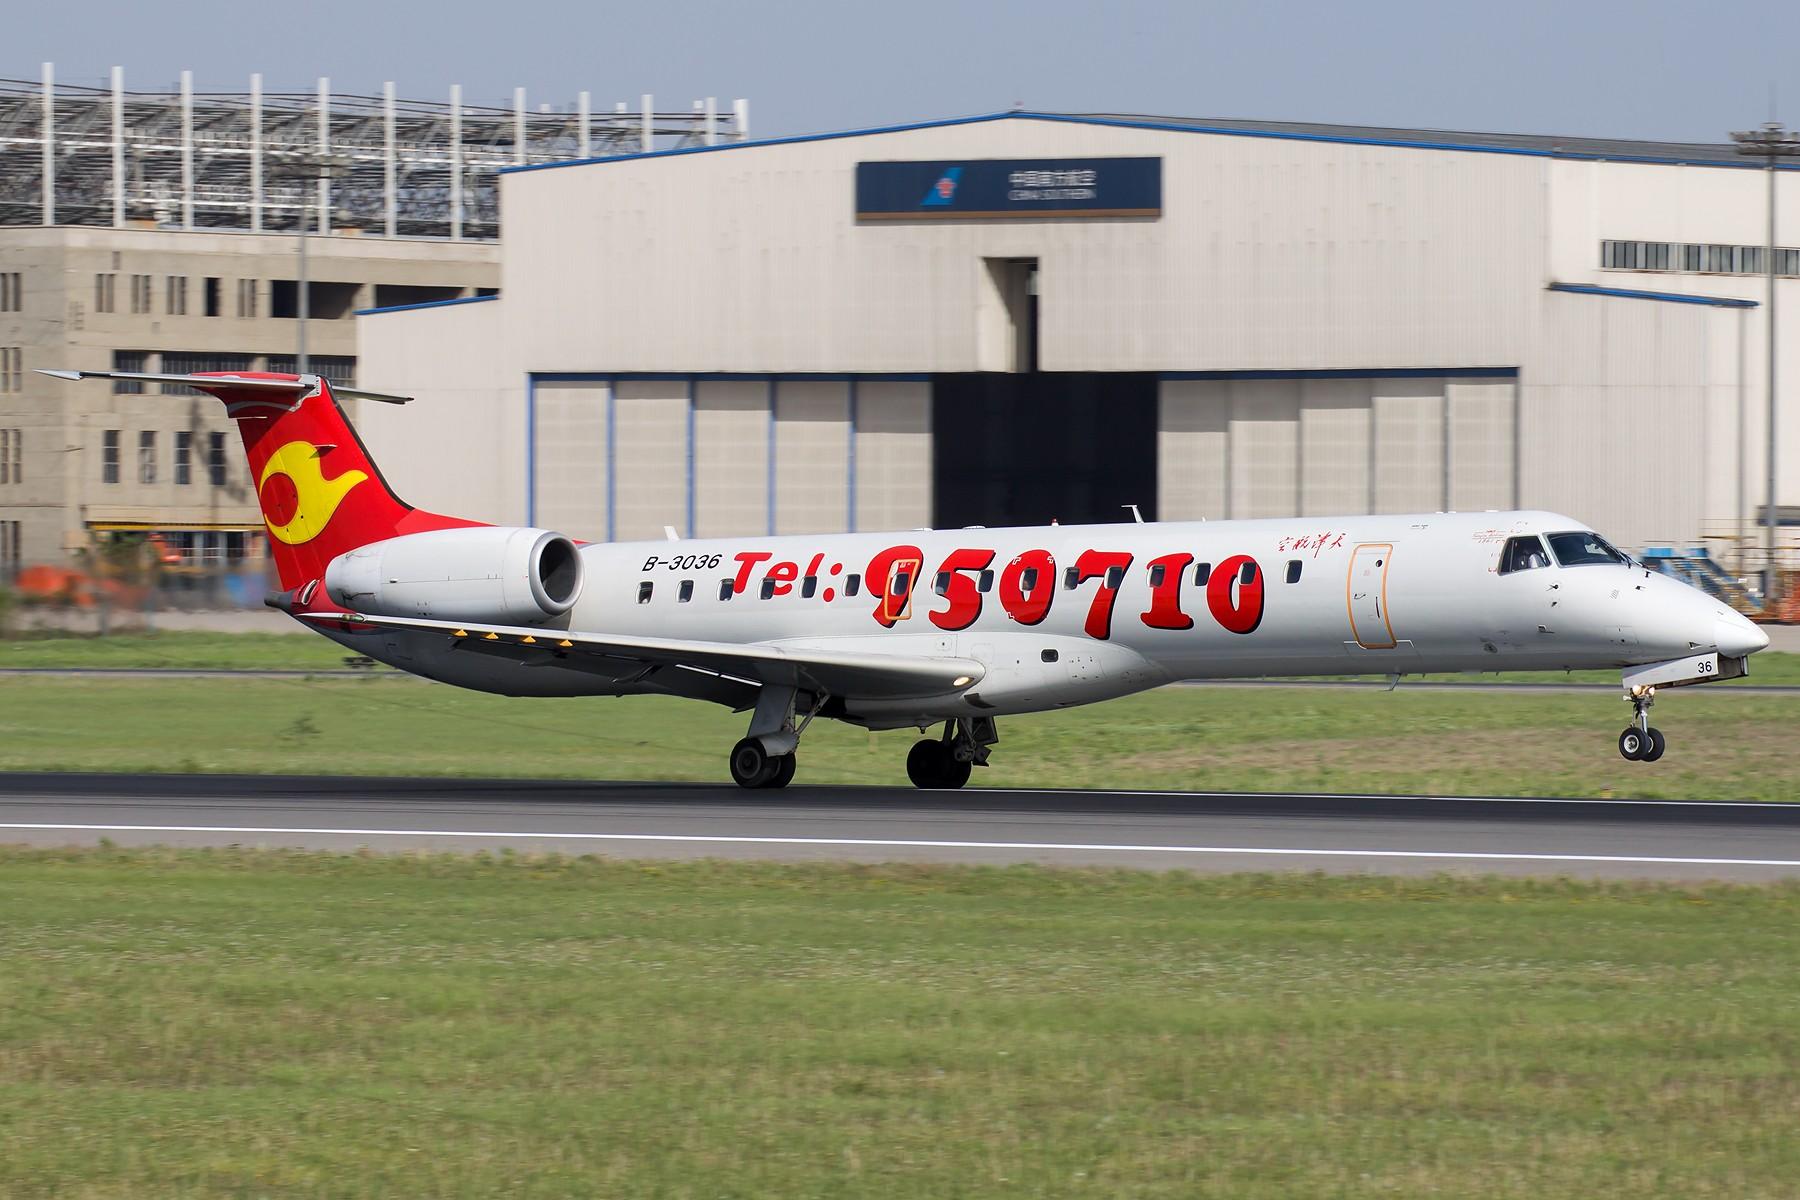 [原创]3036 & 3037 1800*1200 EMBRAER ERJ-145 B-3036 中国沈阳桃仙国际机场